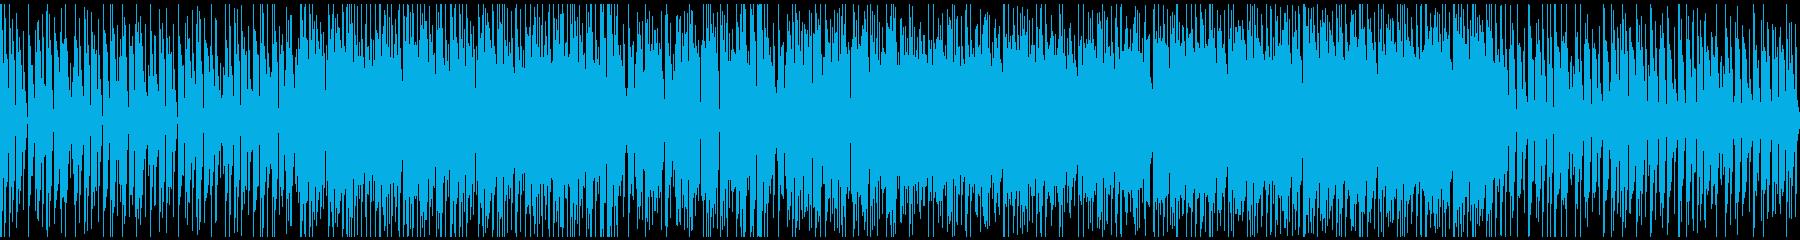 メロディが弾むカジュアルなハウスの再生済みの波形